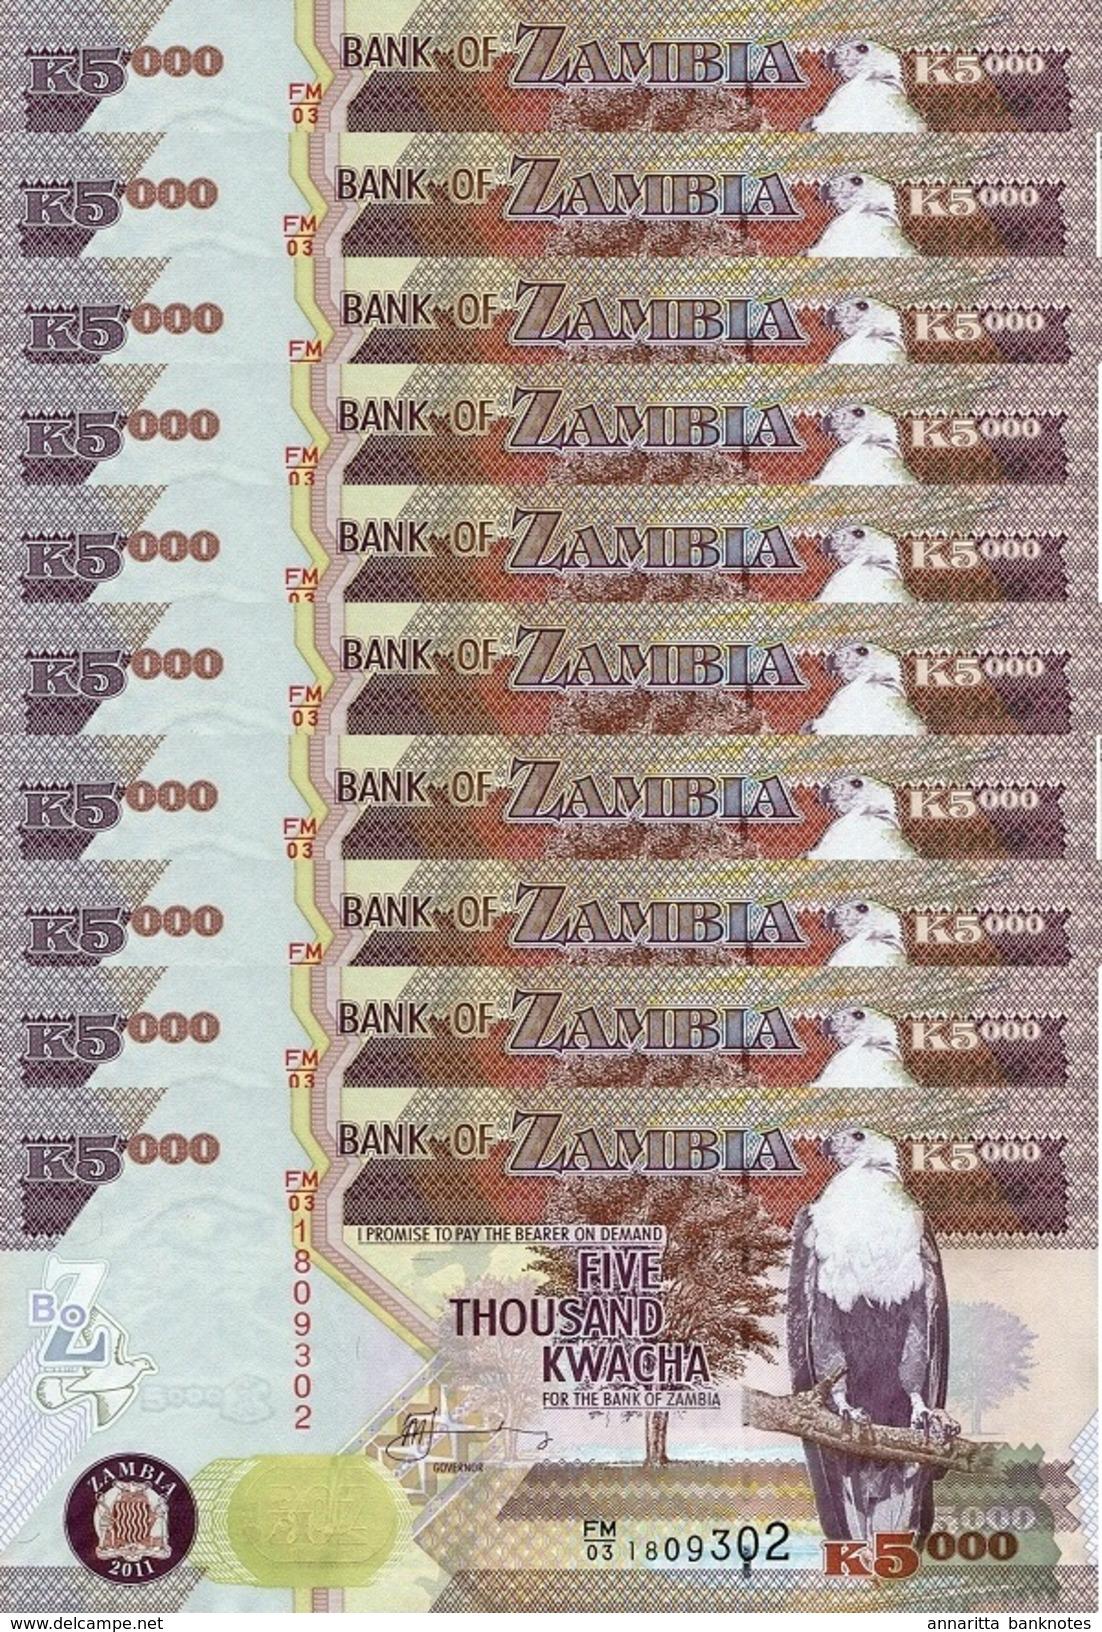 ZAMBIA 5000 KWACHA 2011 P-45g UNC 10 PCS [ZM147g] - Zambia